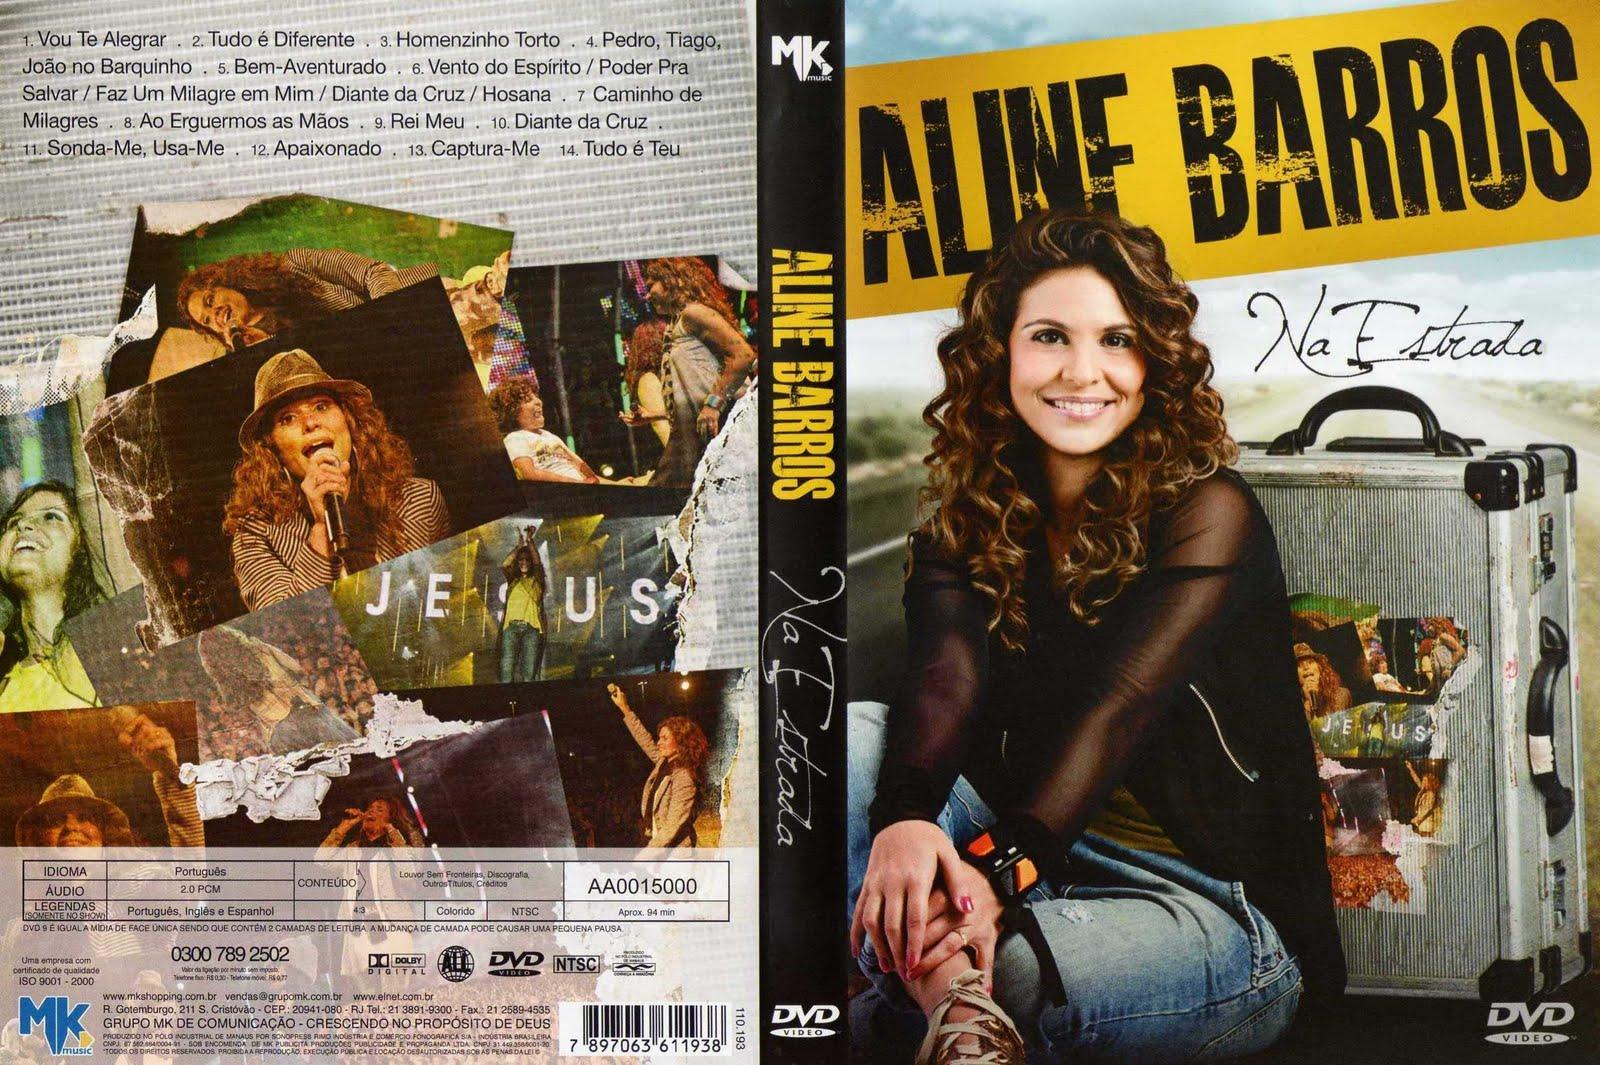 MUSICA DE BARROS SONDA-ME PLAYBACK BAIXAR ALINE